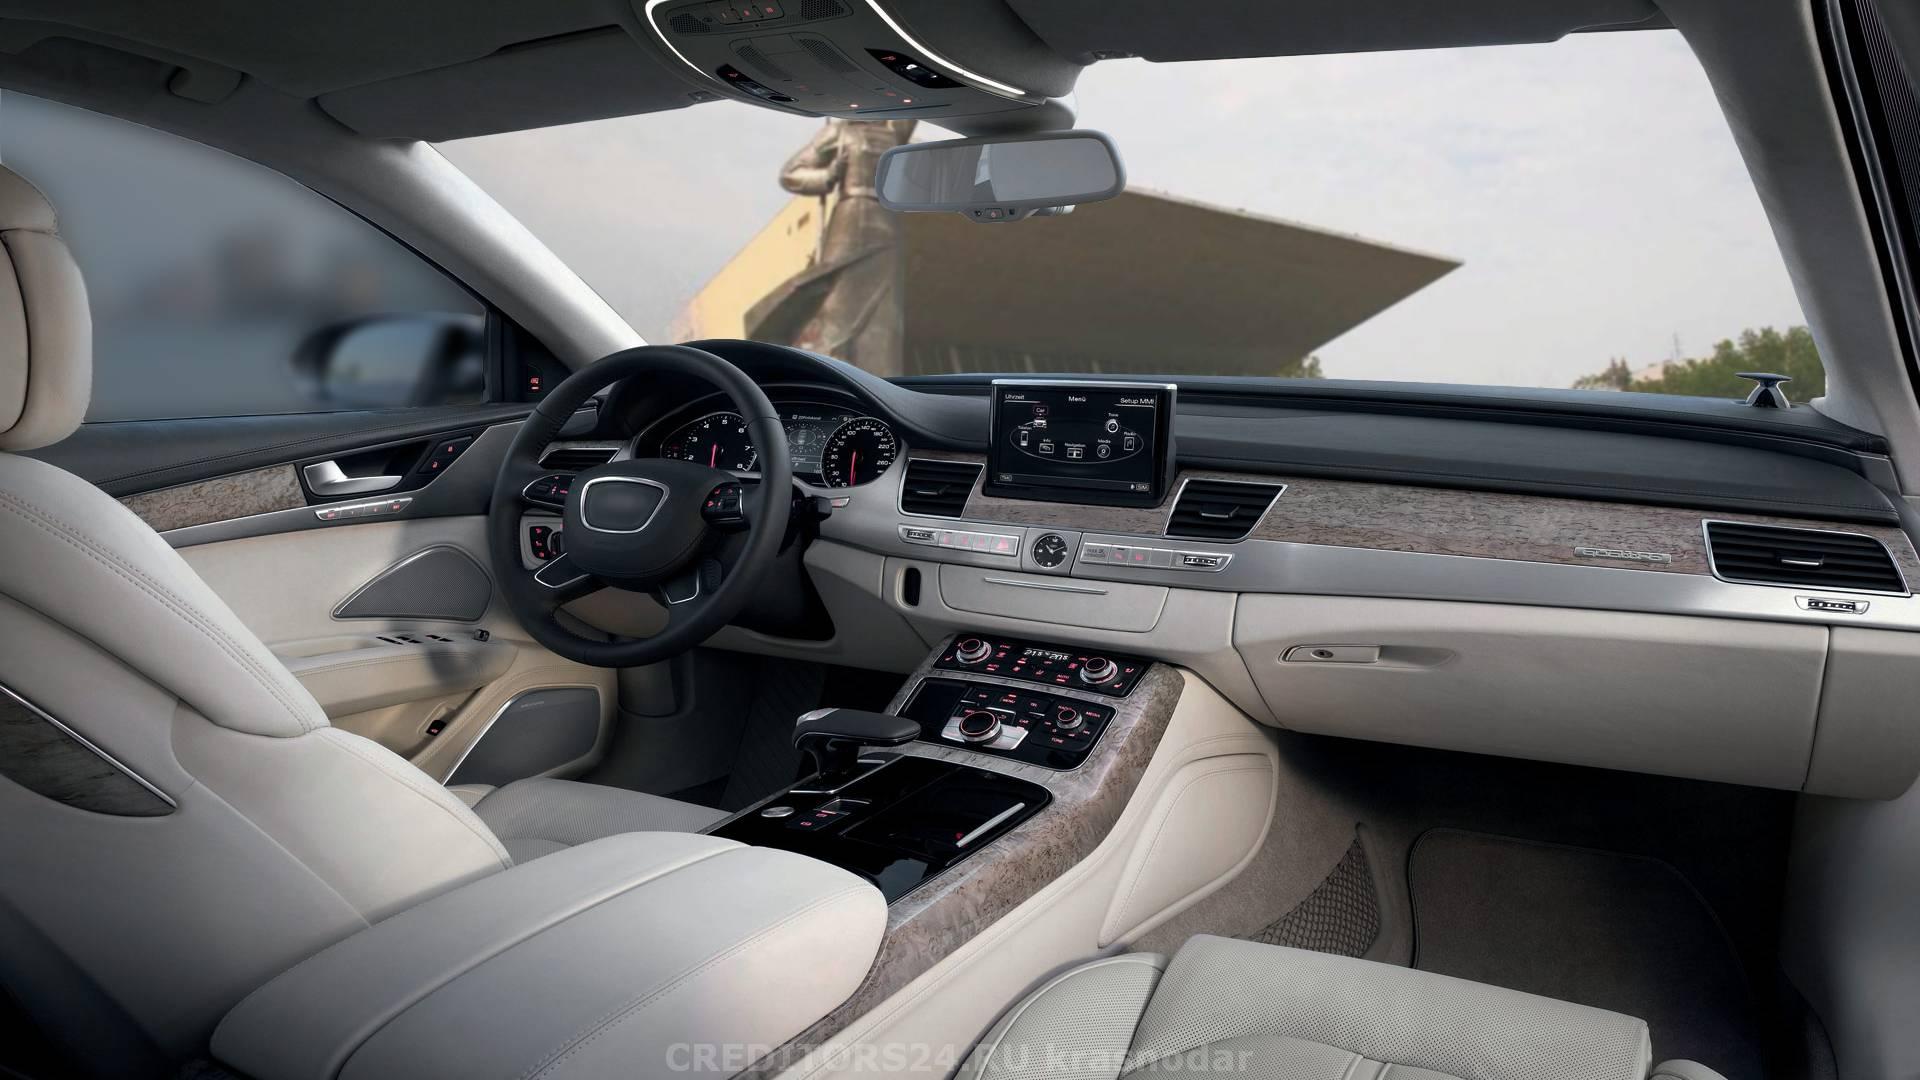 Автокредит под залог автомобиля краснодар банки спб дающие кредит под залог авто